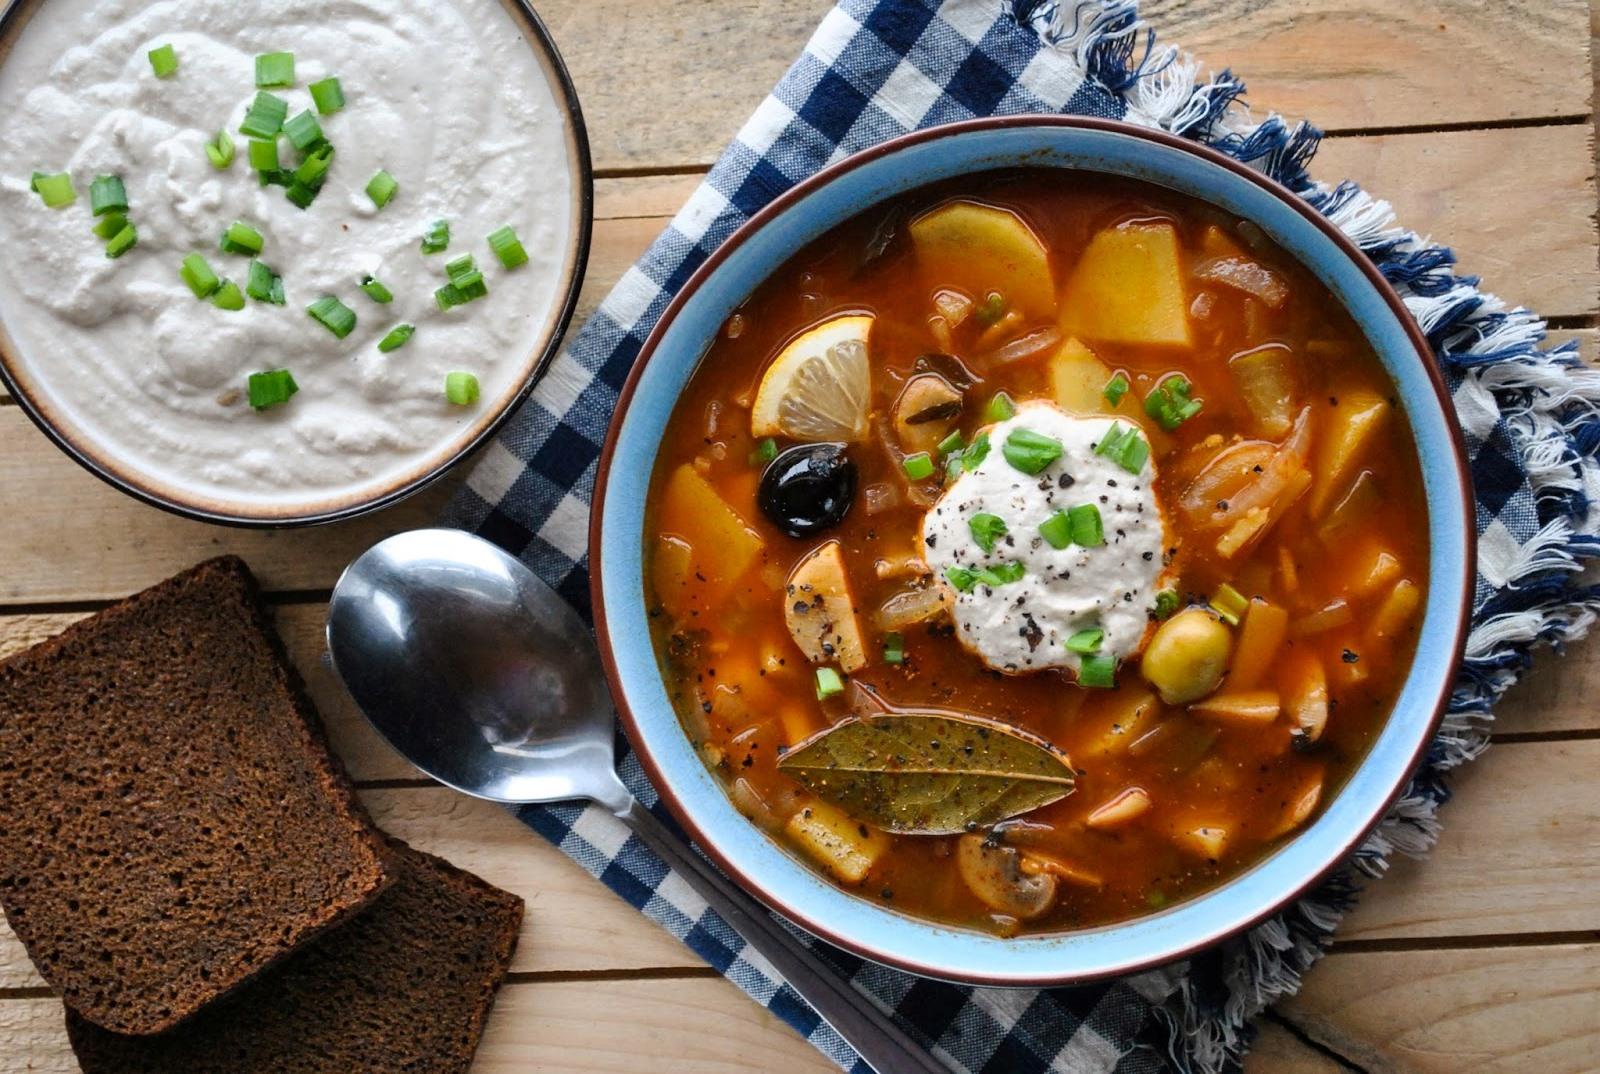 супы на обед рецепты с фото распространение тюнинг